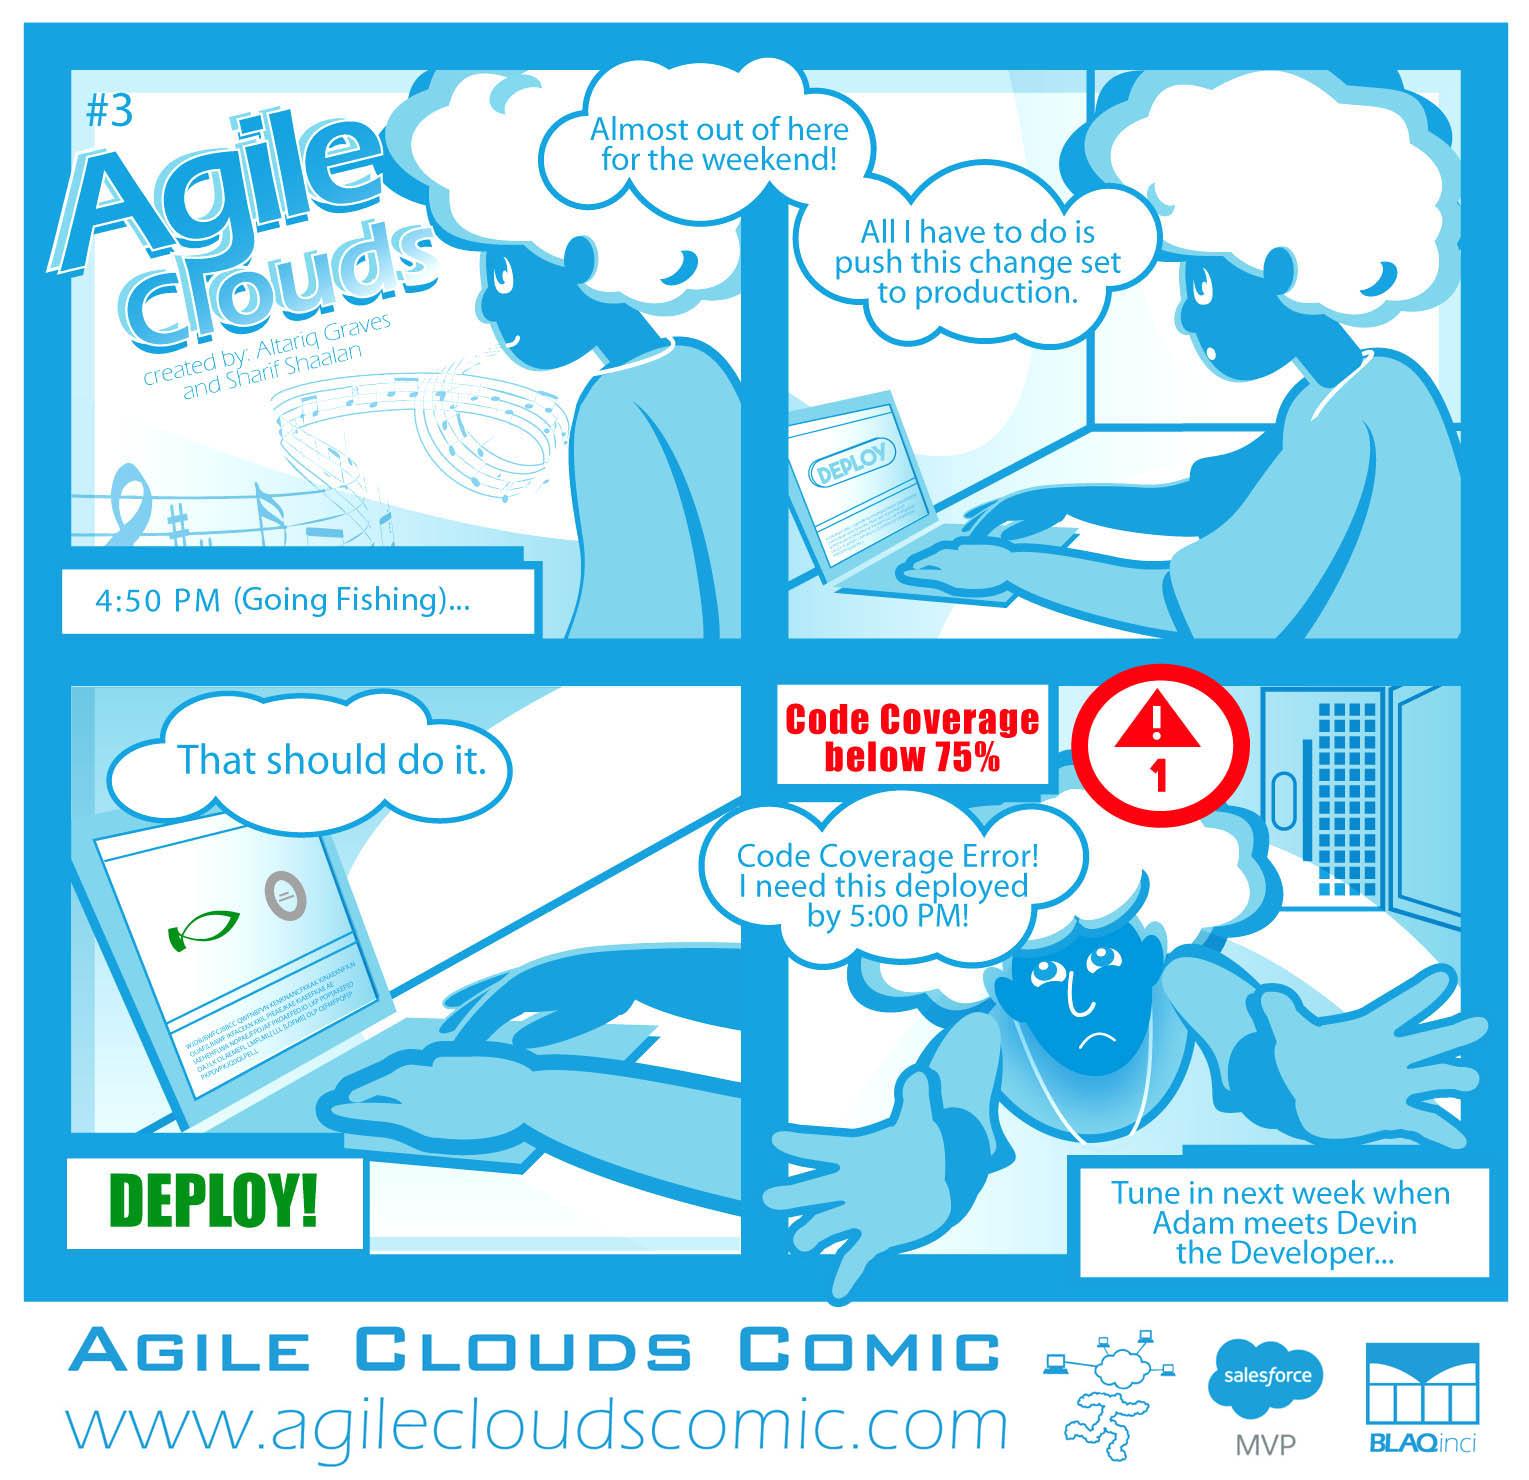 AgileClouds3.jpeg